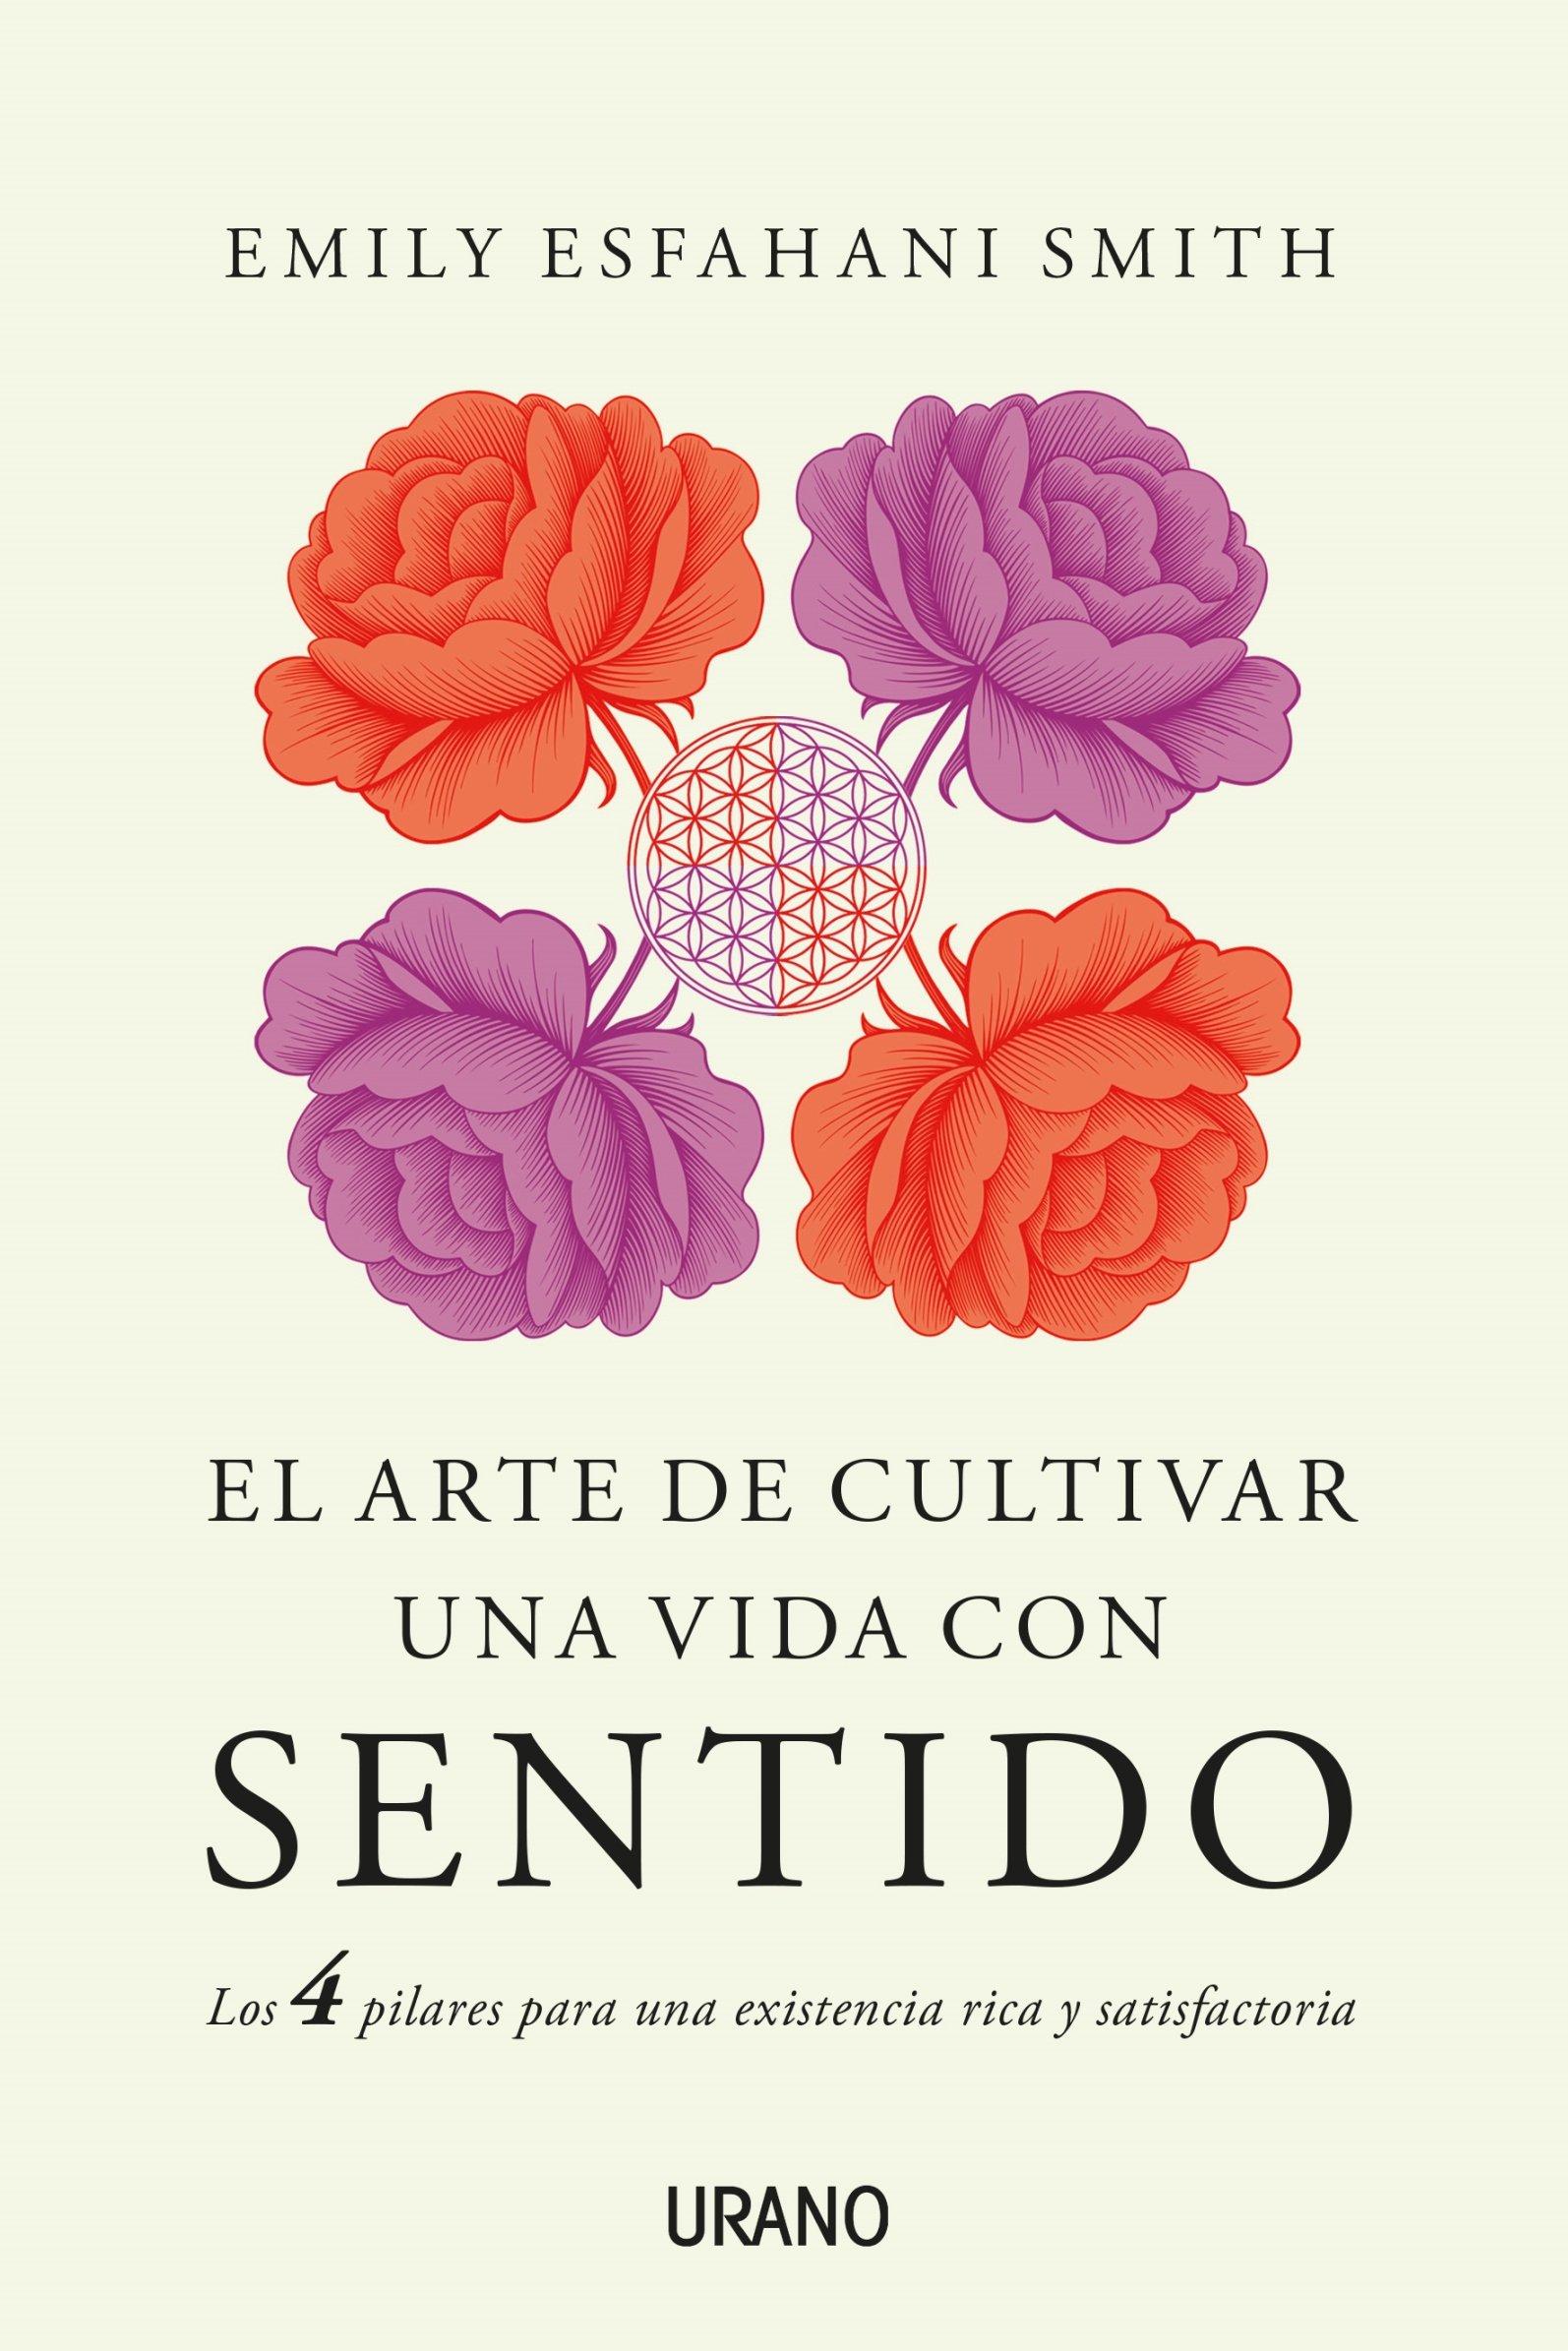 Portada libro - El arte de cultivar una vida con sentido